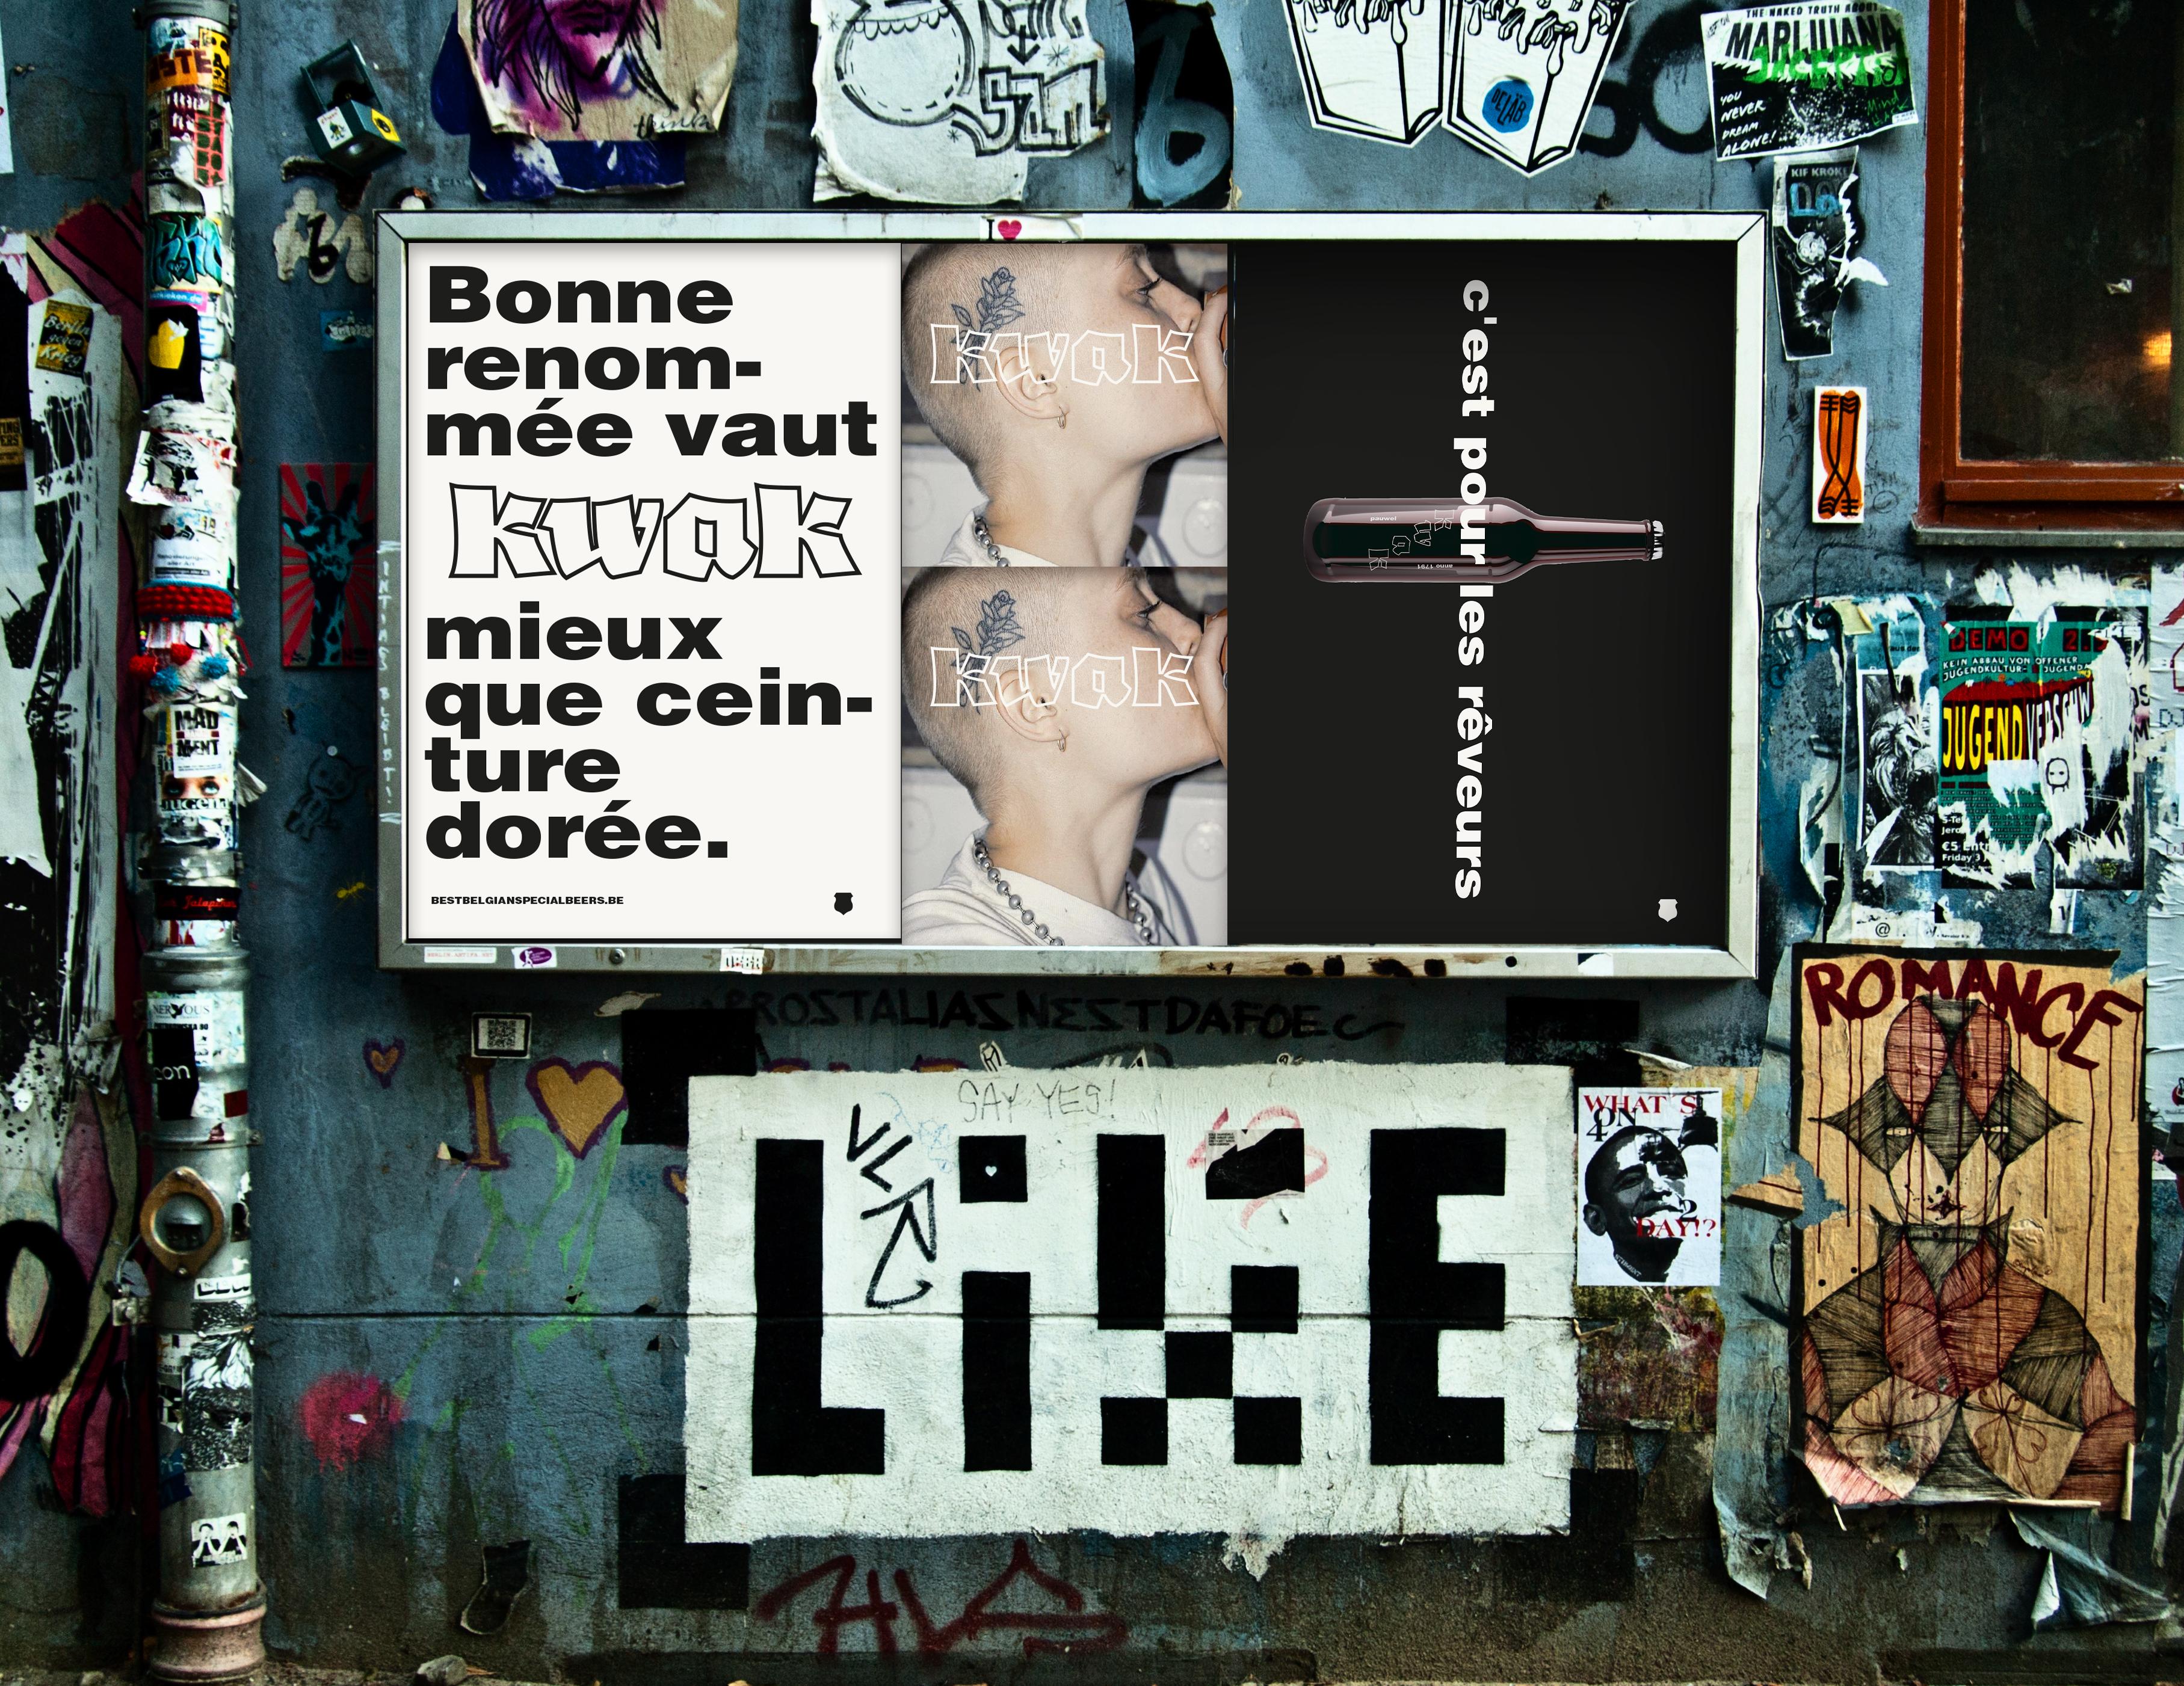 Aushang am Kino Intimes in Berlin Friedirchshain inmitten von Streetart. Zentral uter dem Kinoaushang das Wort LIKE in 5x3 Pixelschrift.